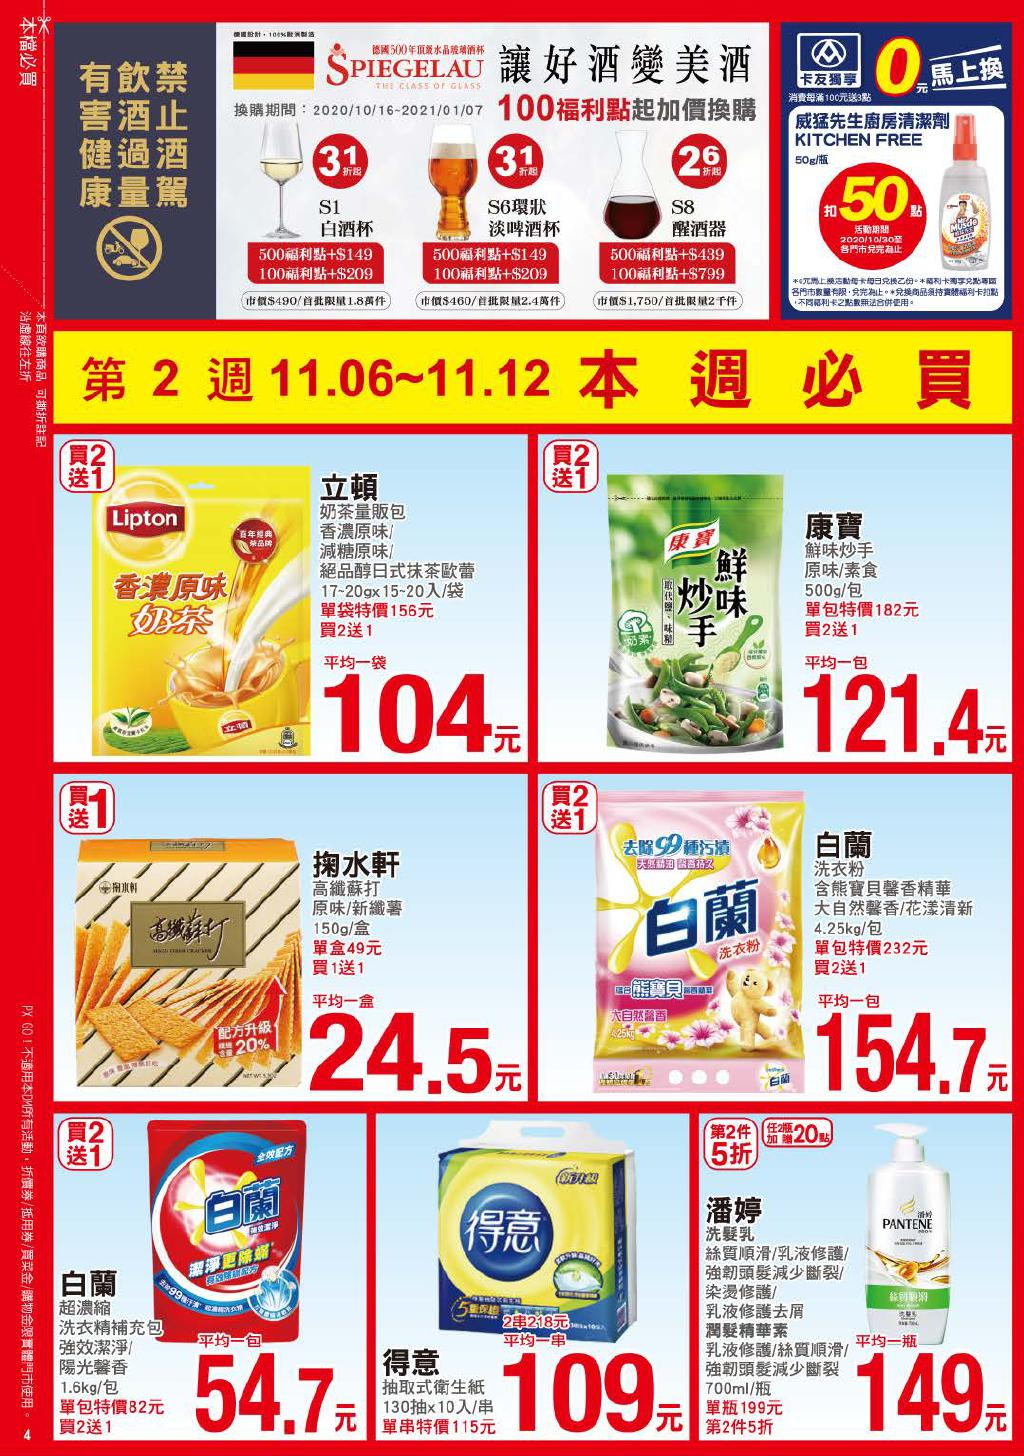 pxmart20201119_000004.jpg